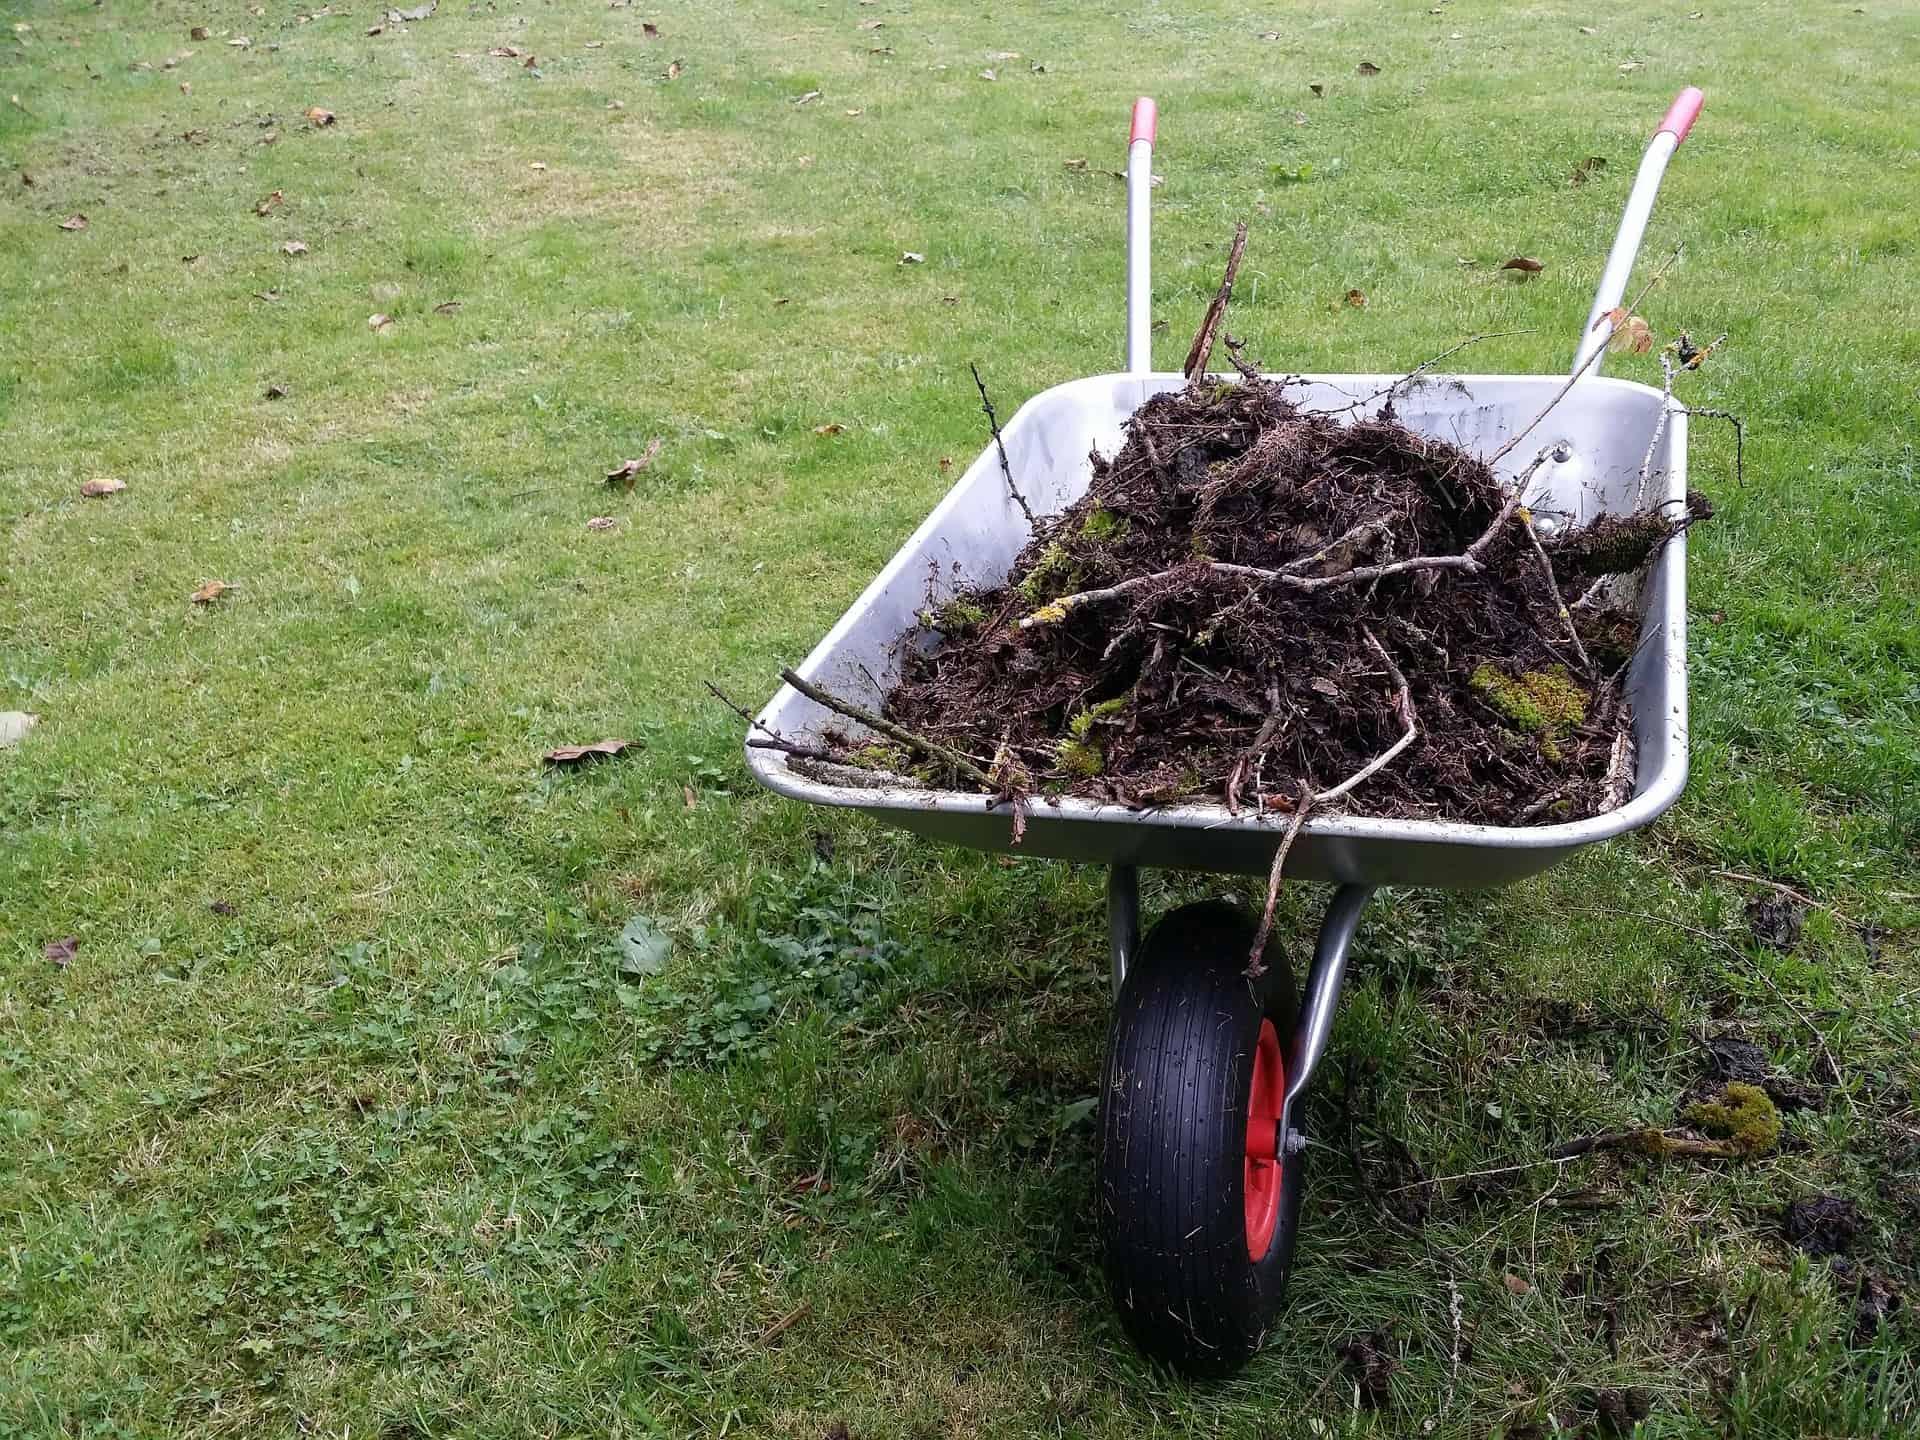 Um carrinho de mão sob um gramado, carregado com terra e algumas raízes.